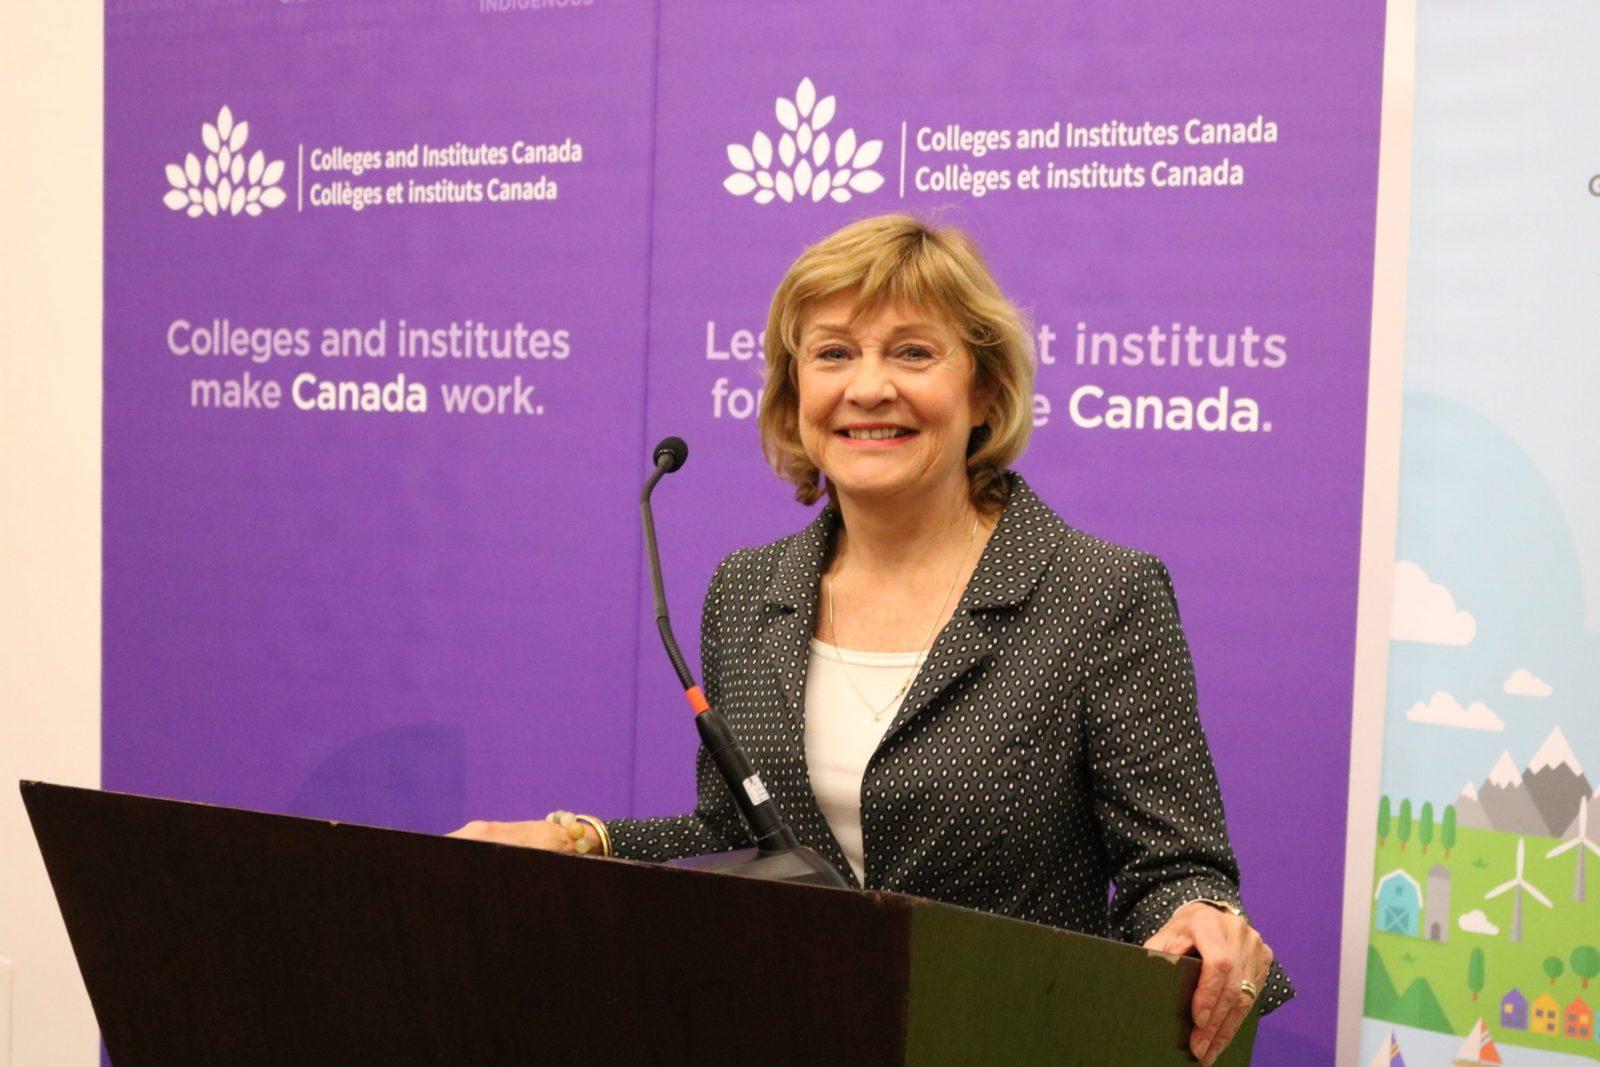 La sénatrice Diane Bellemare, le 3 octobre 2017, à Ottawa.